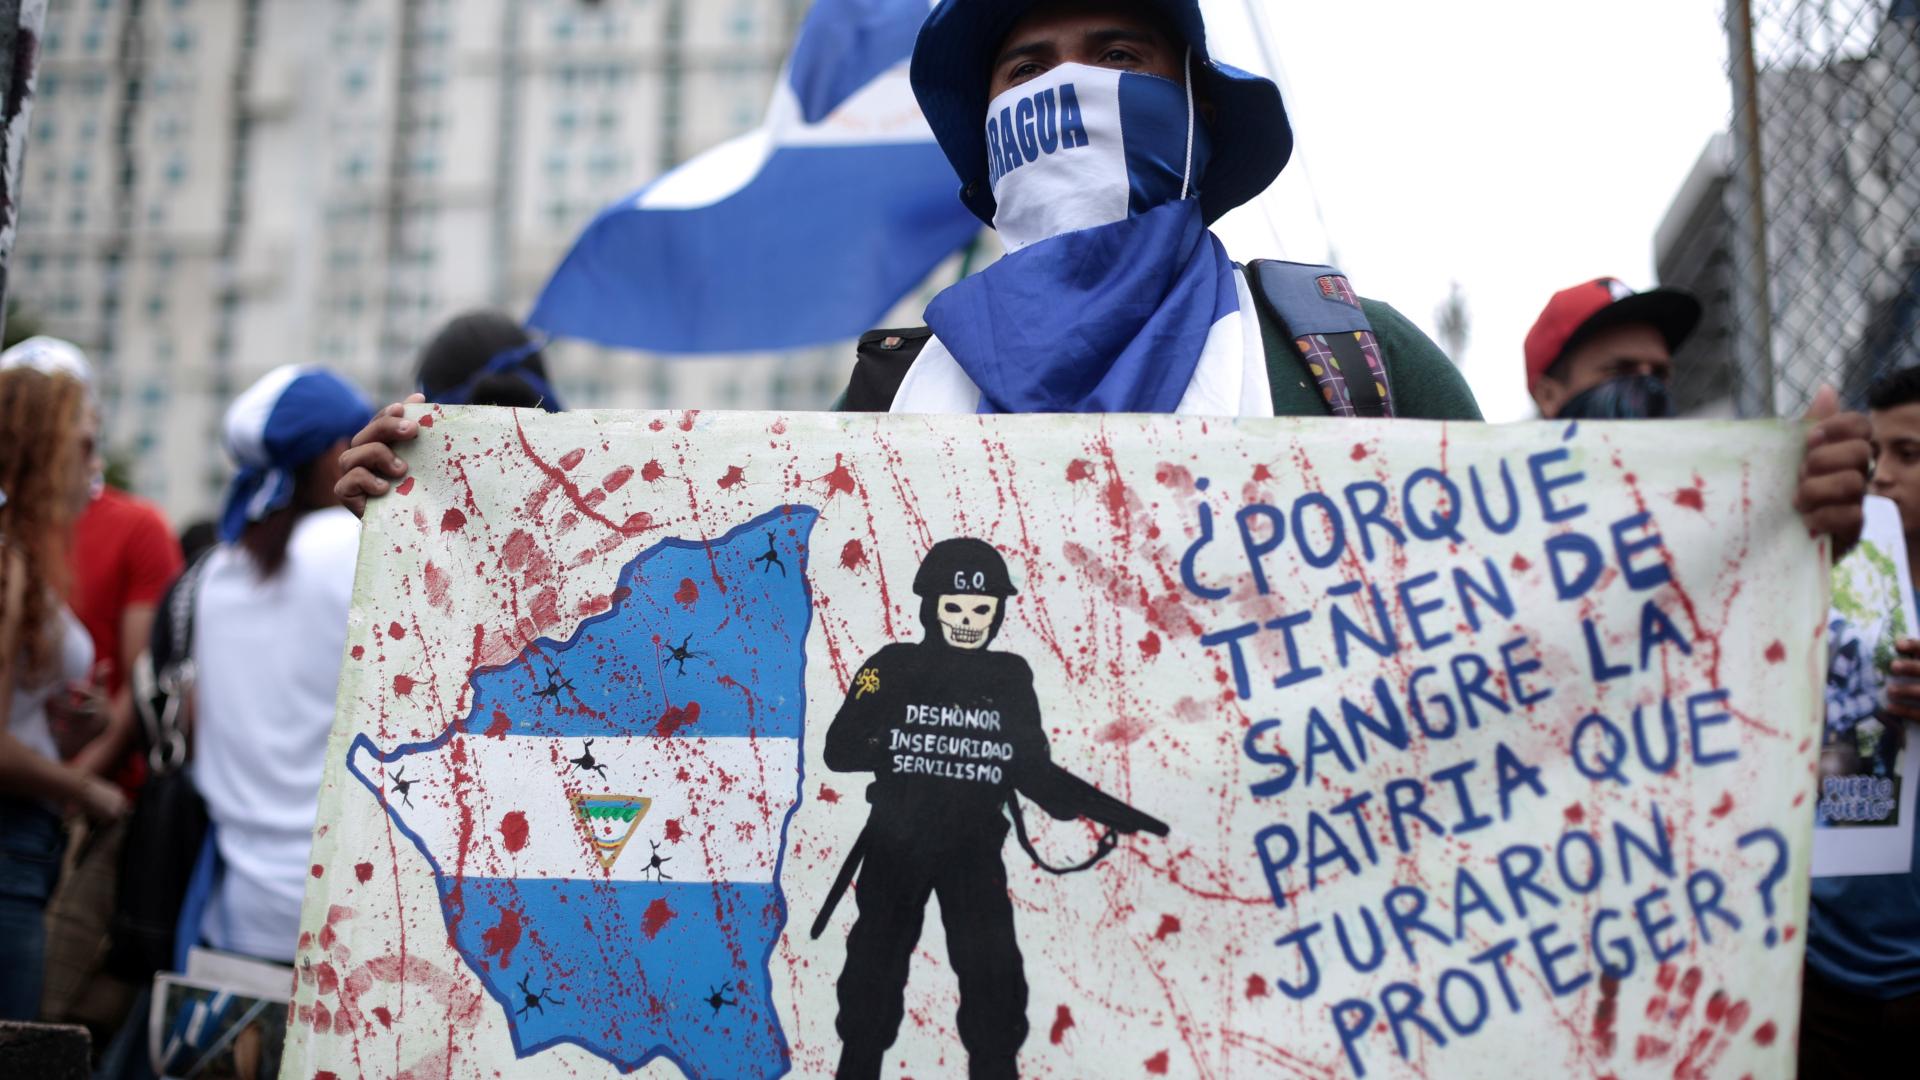 El régimen de los Ortega ha reprimido violentamente al pueblo nicaragüense. (Reuters)